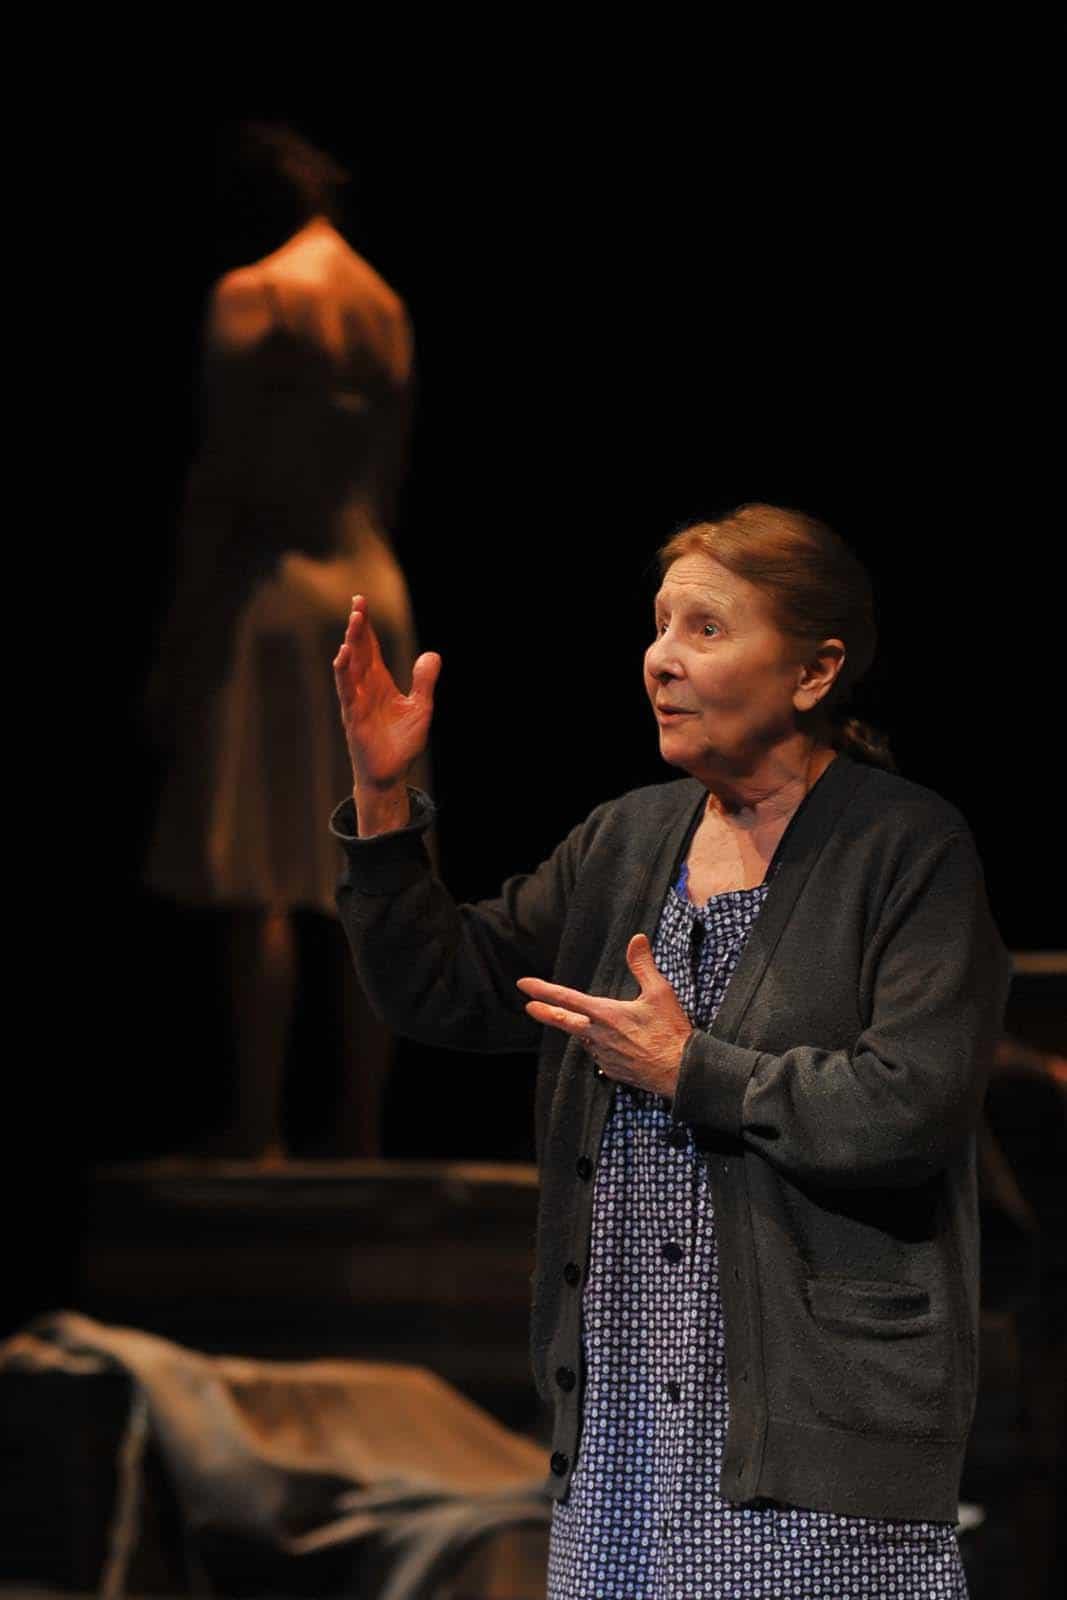 Giulia Lazzarini in Emilia regia Claudio Tolcachir